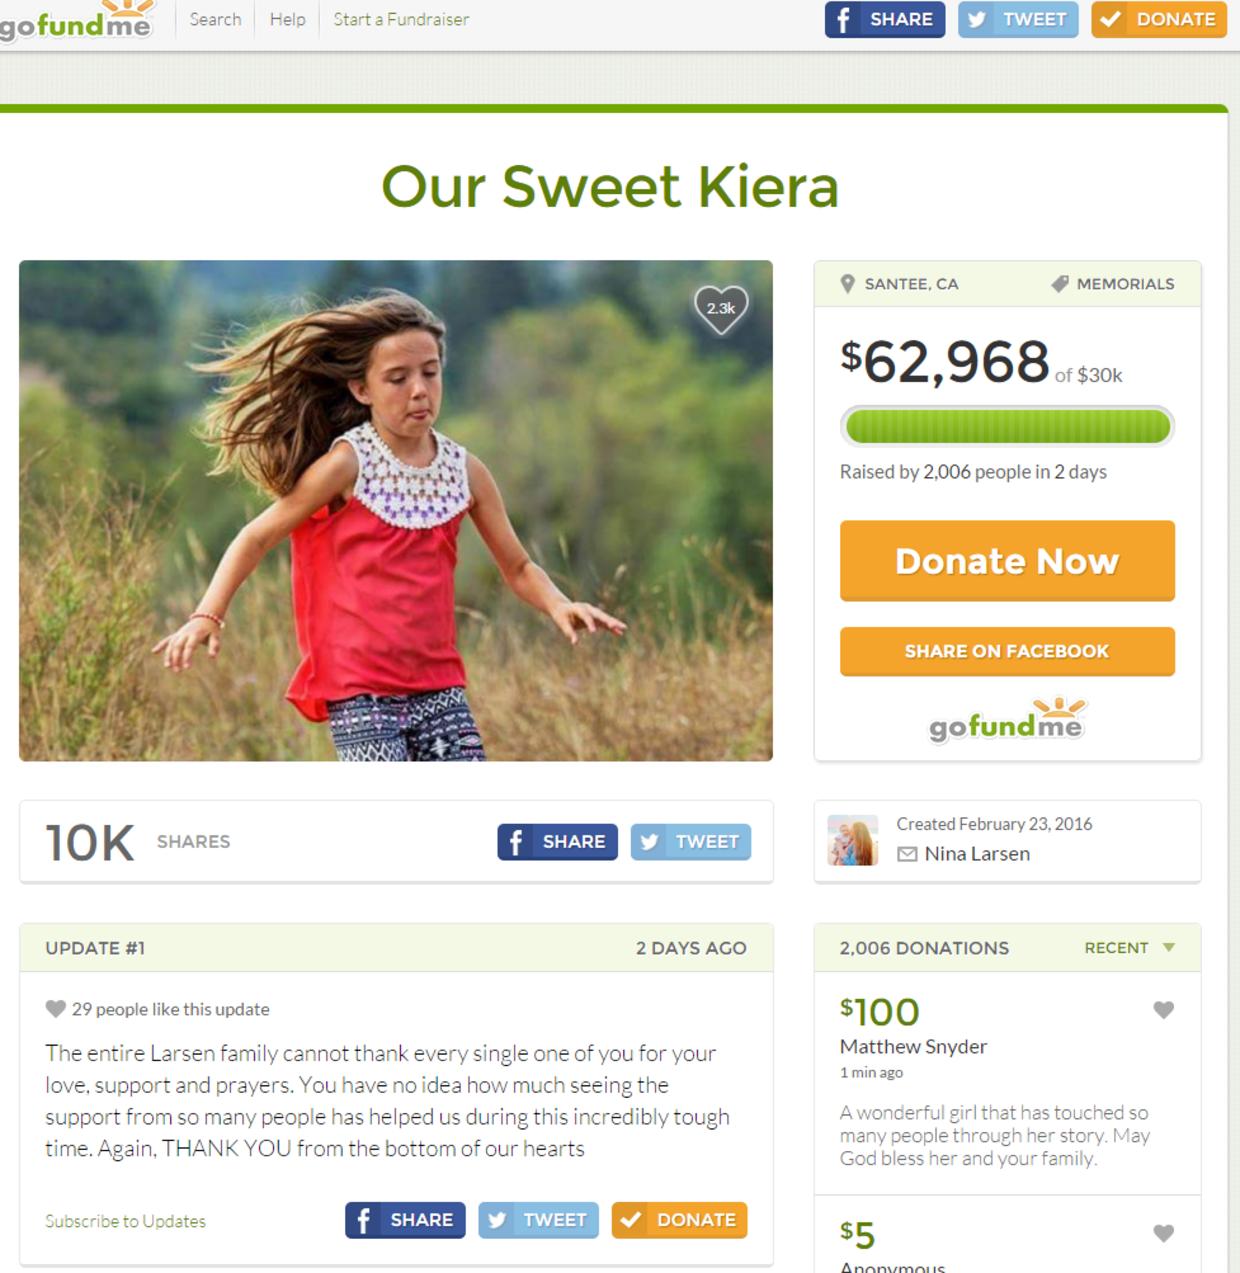 På hjemmesiden GoFundMe er der blevet lavet en indsamling til Kieras familie.